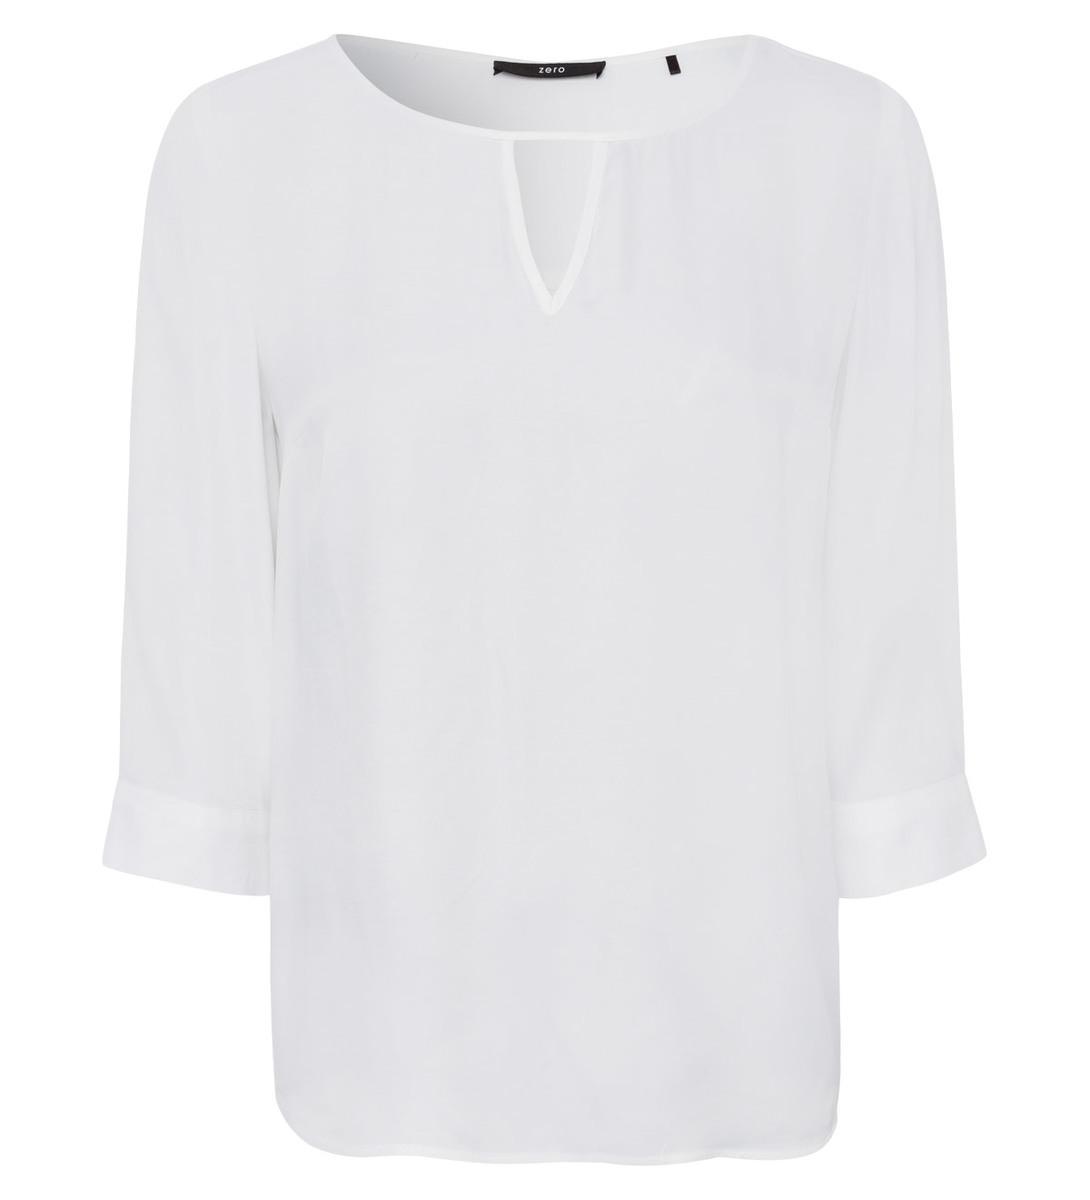 Bluse aus weich fließender Viskose in offwhite